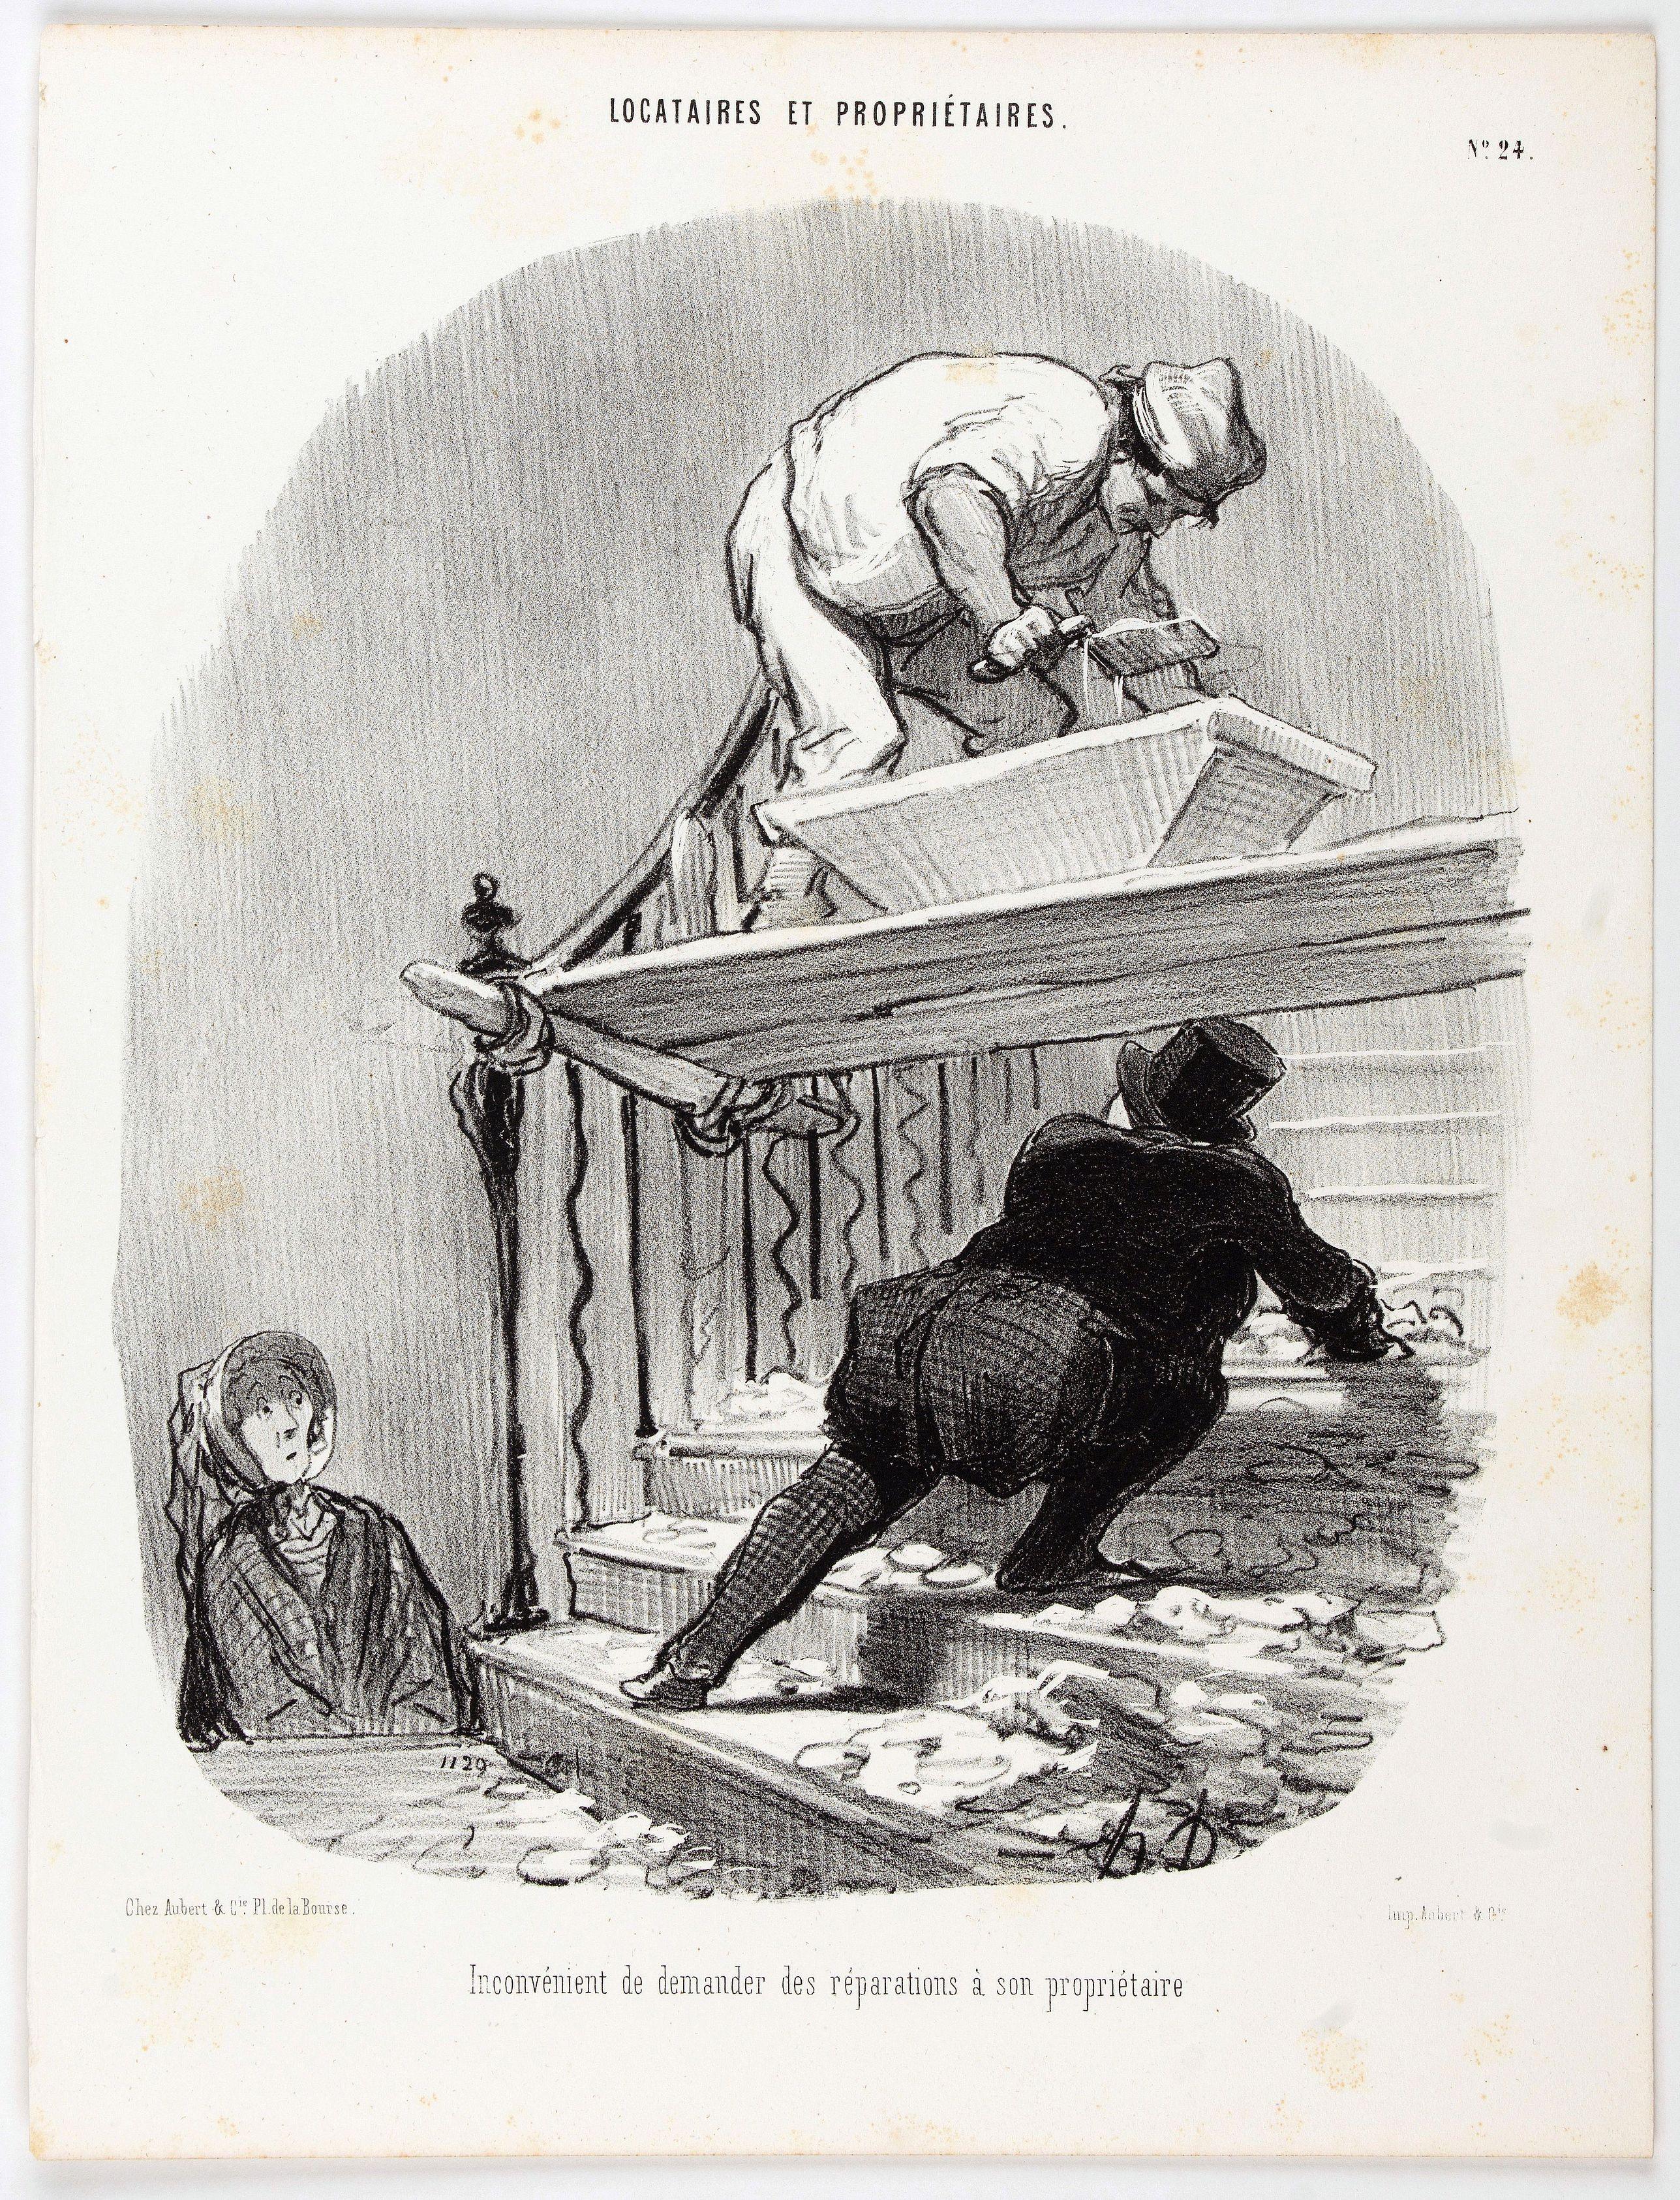 DAUMIER, H. -  Locataires et Propriétaires. Inconvénient de demander des réparations à son propriétaire. (Pl 24)